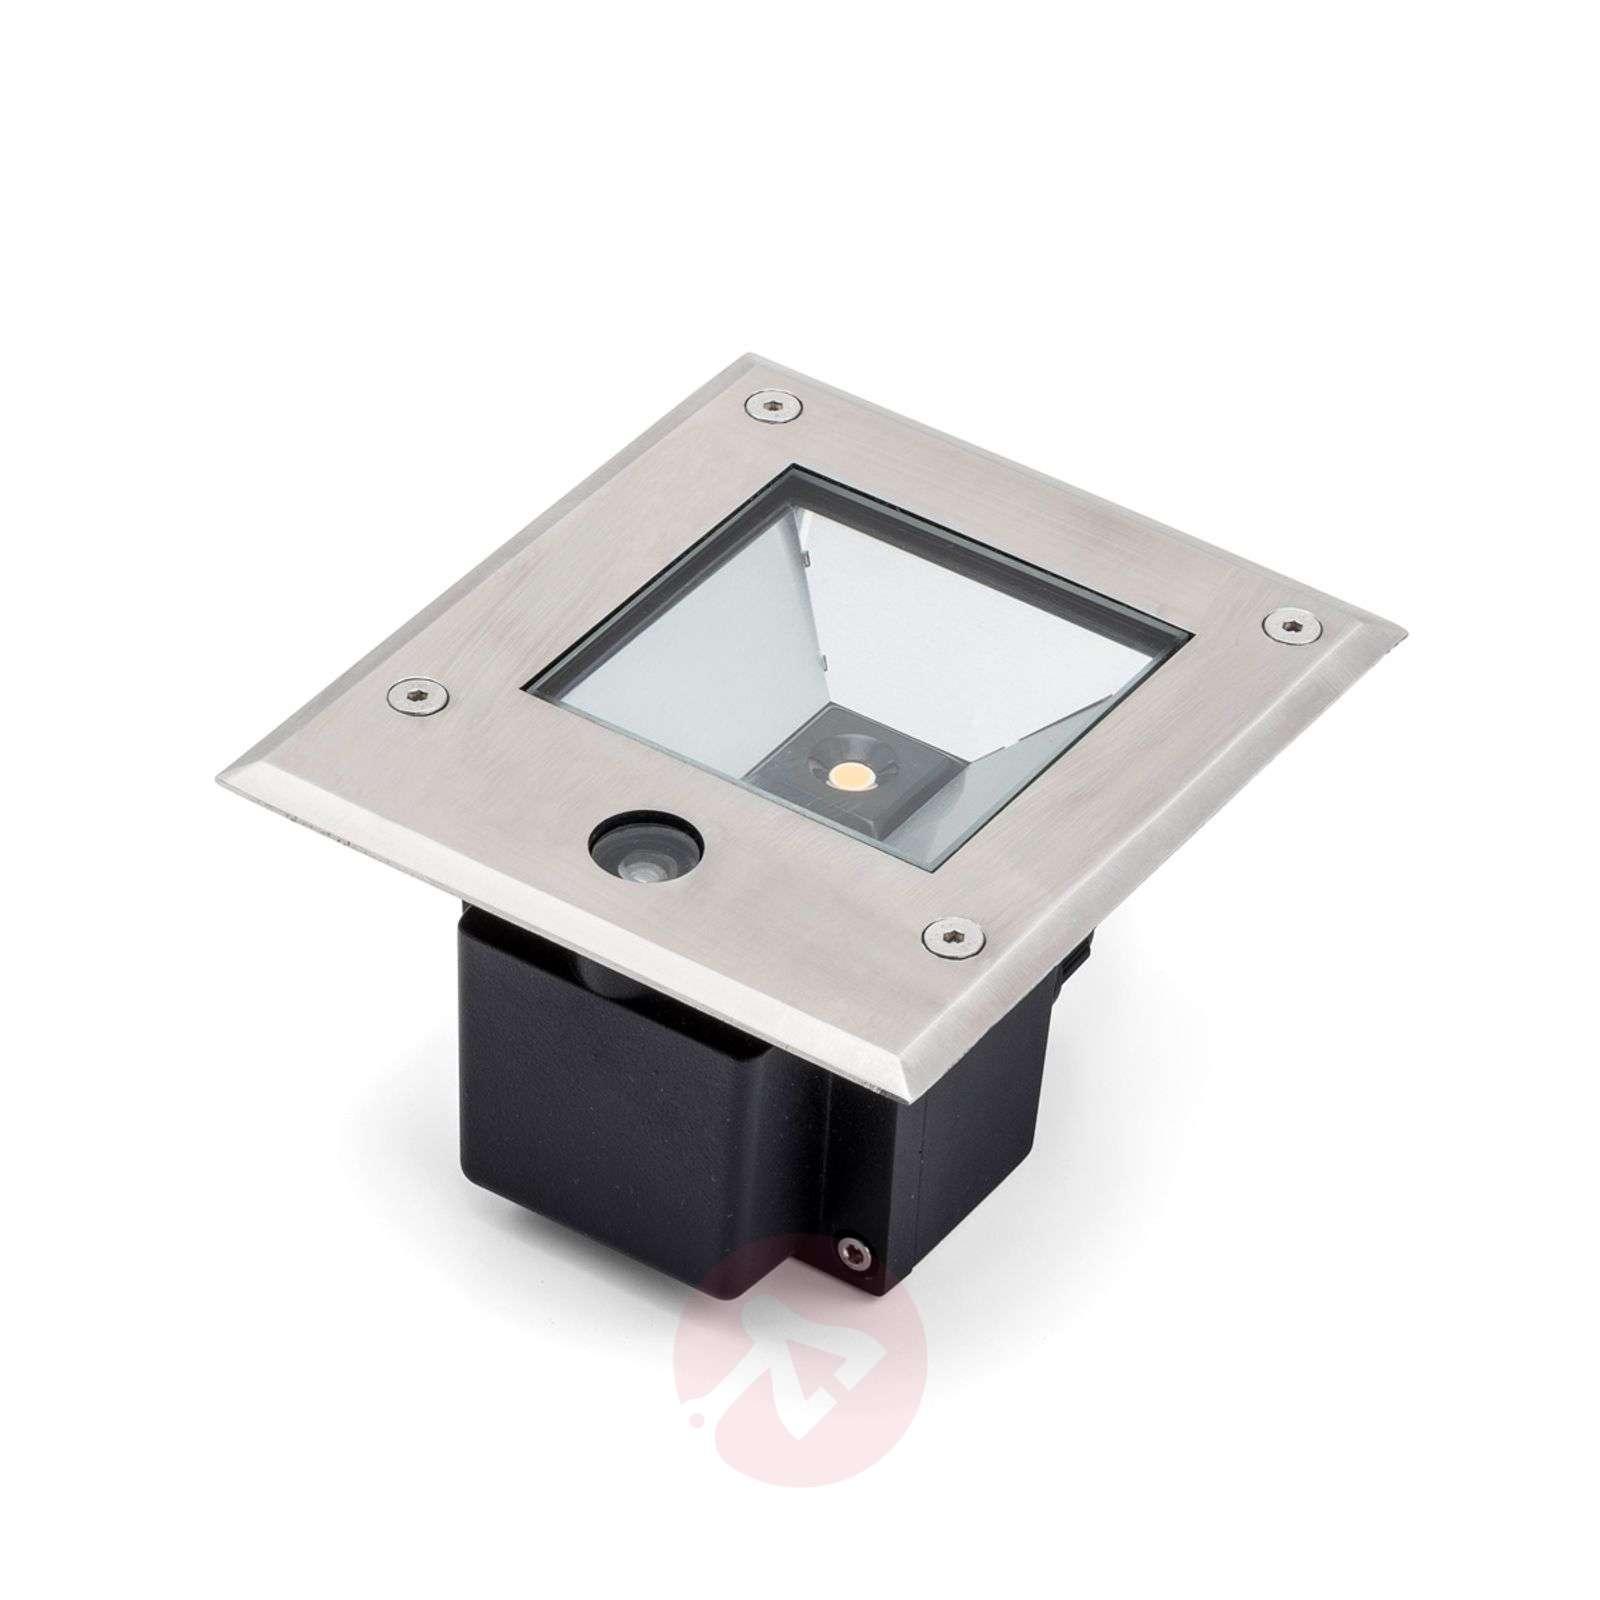 LED-maaspotti Dale 6W, hämärätunnistin-5522468-01